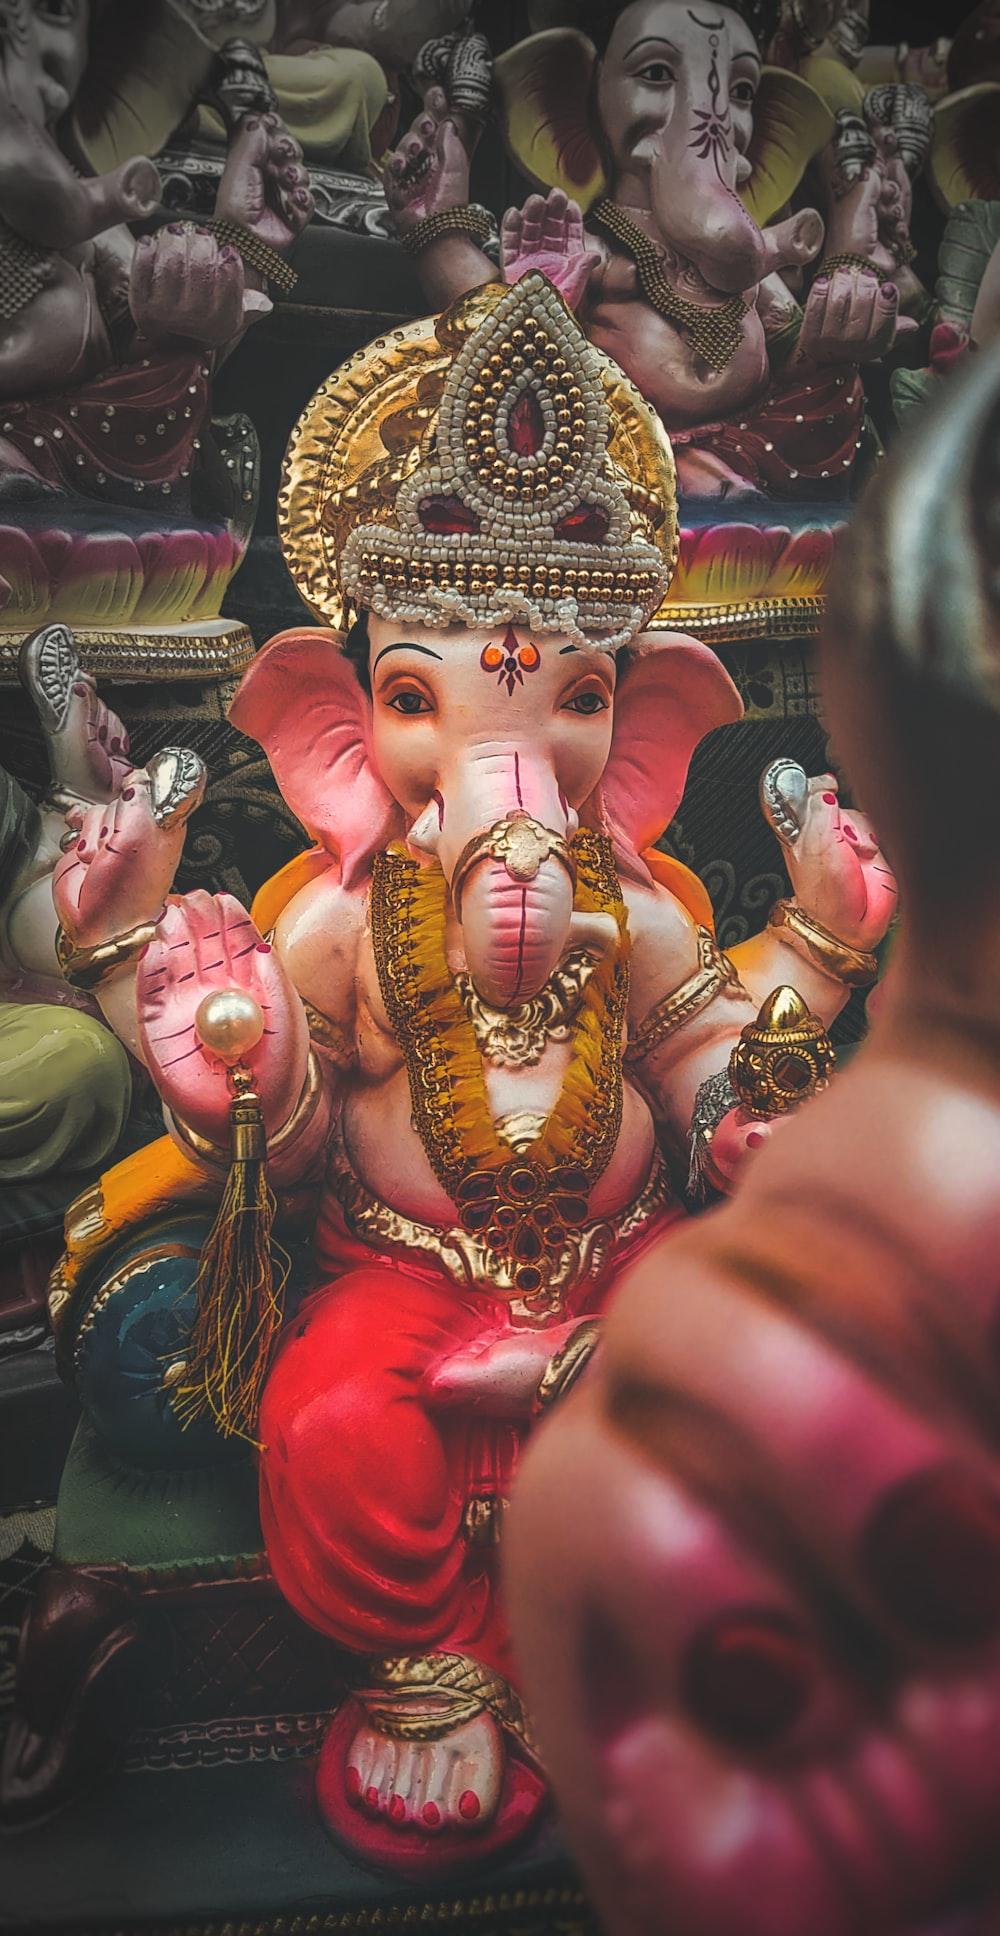 hindu deity figurine on display